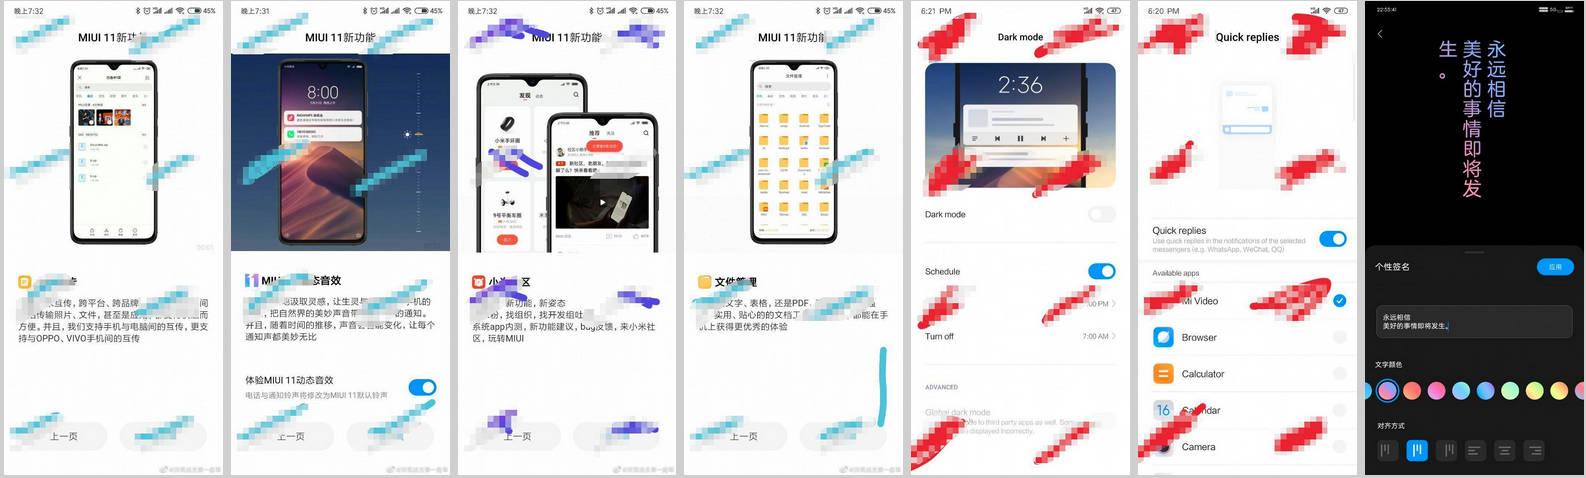 MIUI 11 beta co nowego Xiaomi nowe funkcje ikonki kiedy premiera